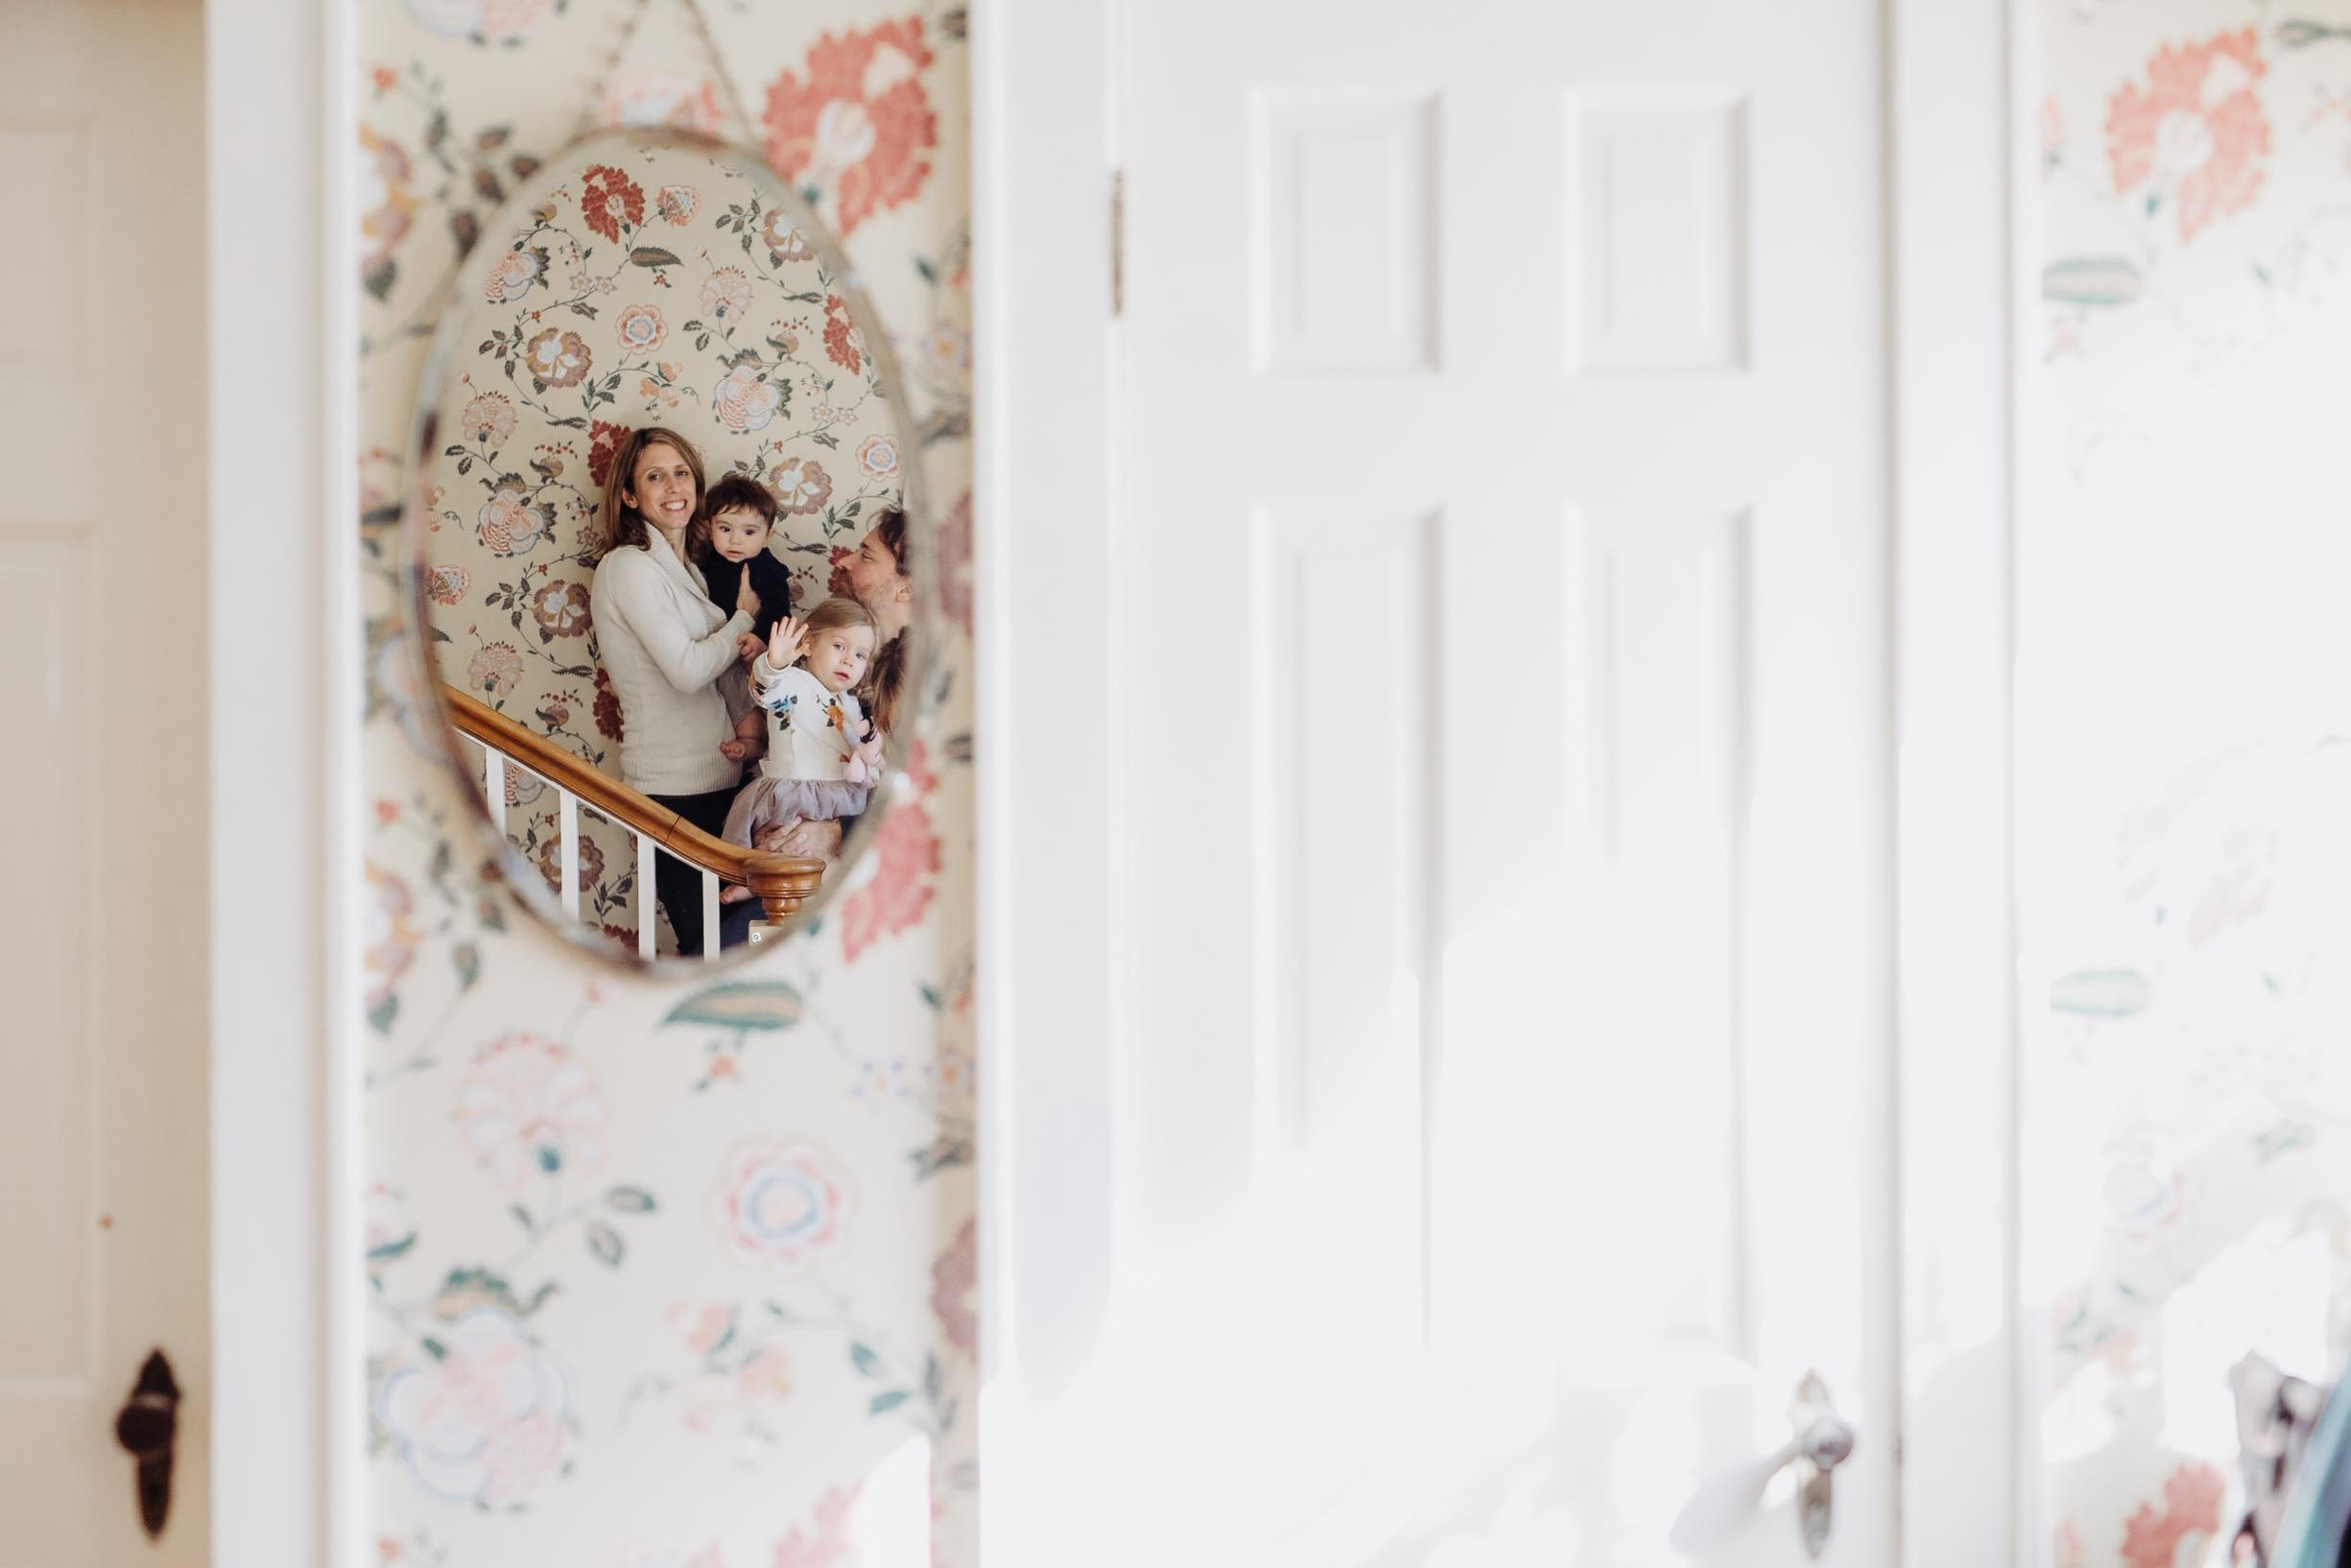 Cathlin McCullough Austin Lifestyle Photography -47.jpg